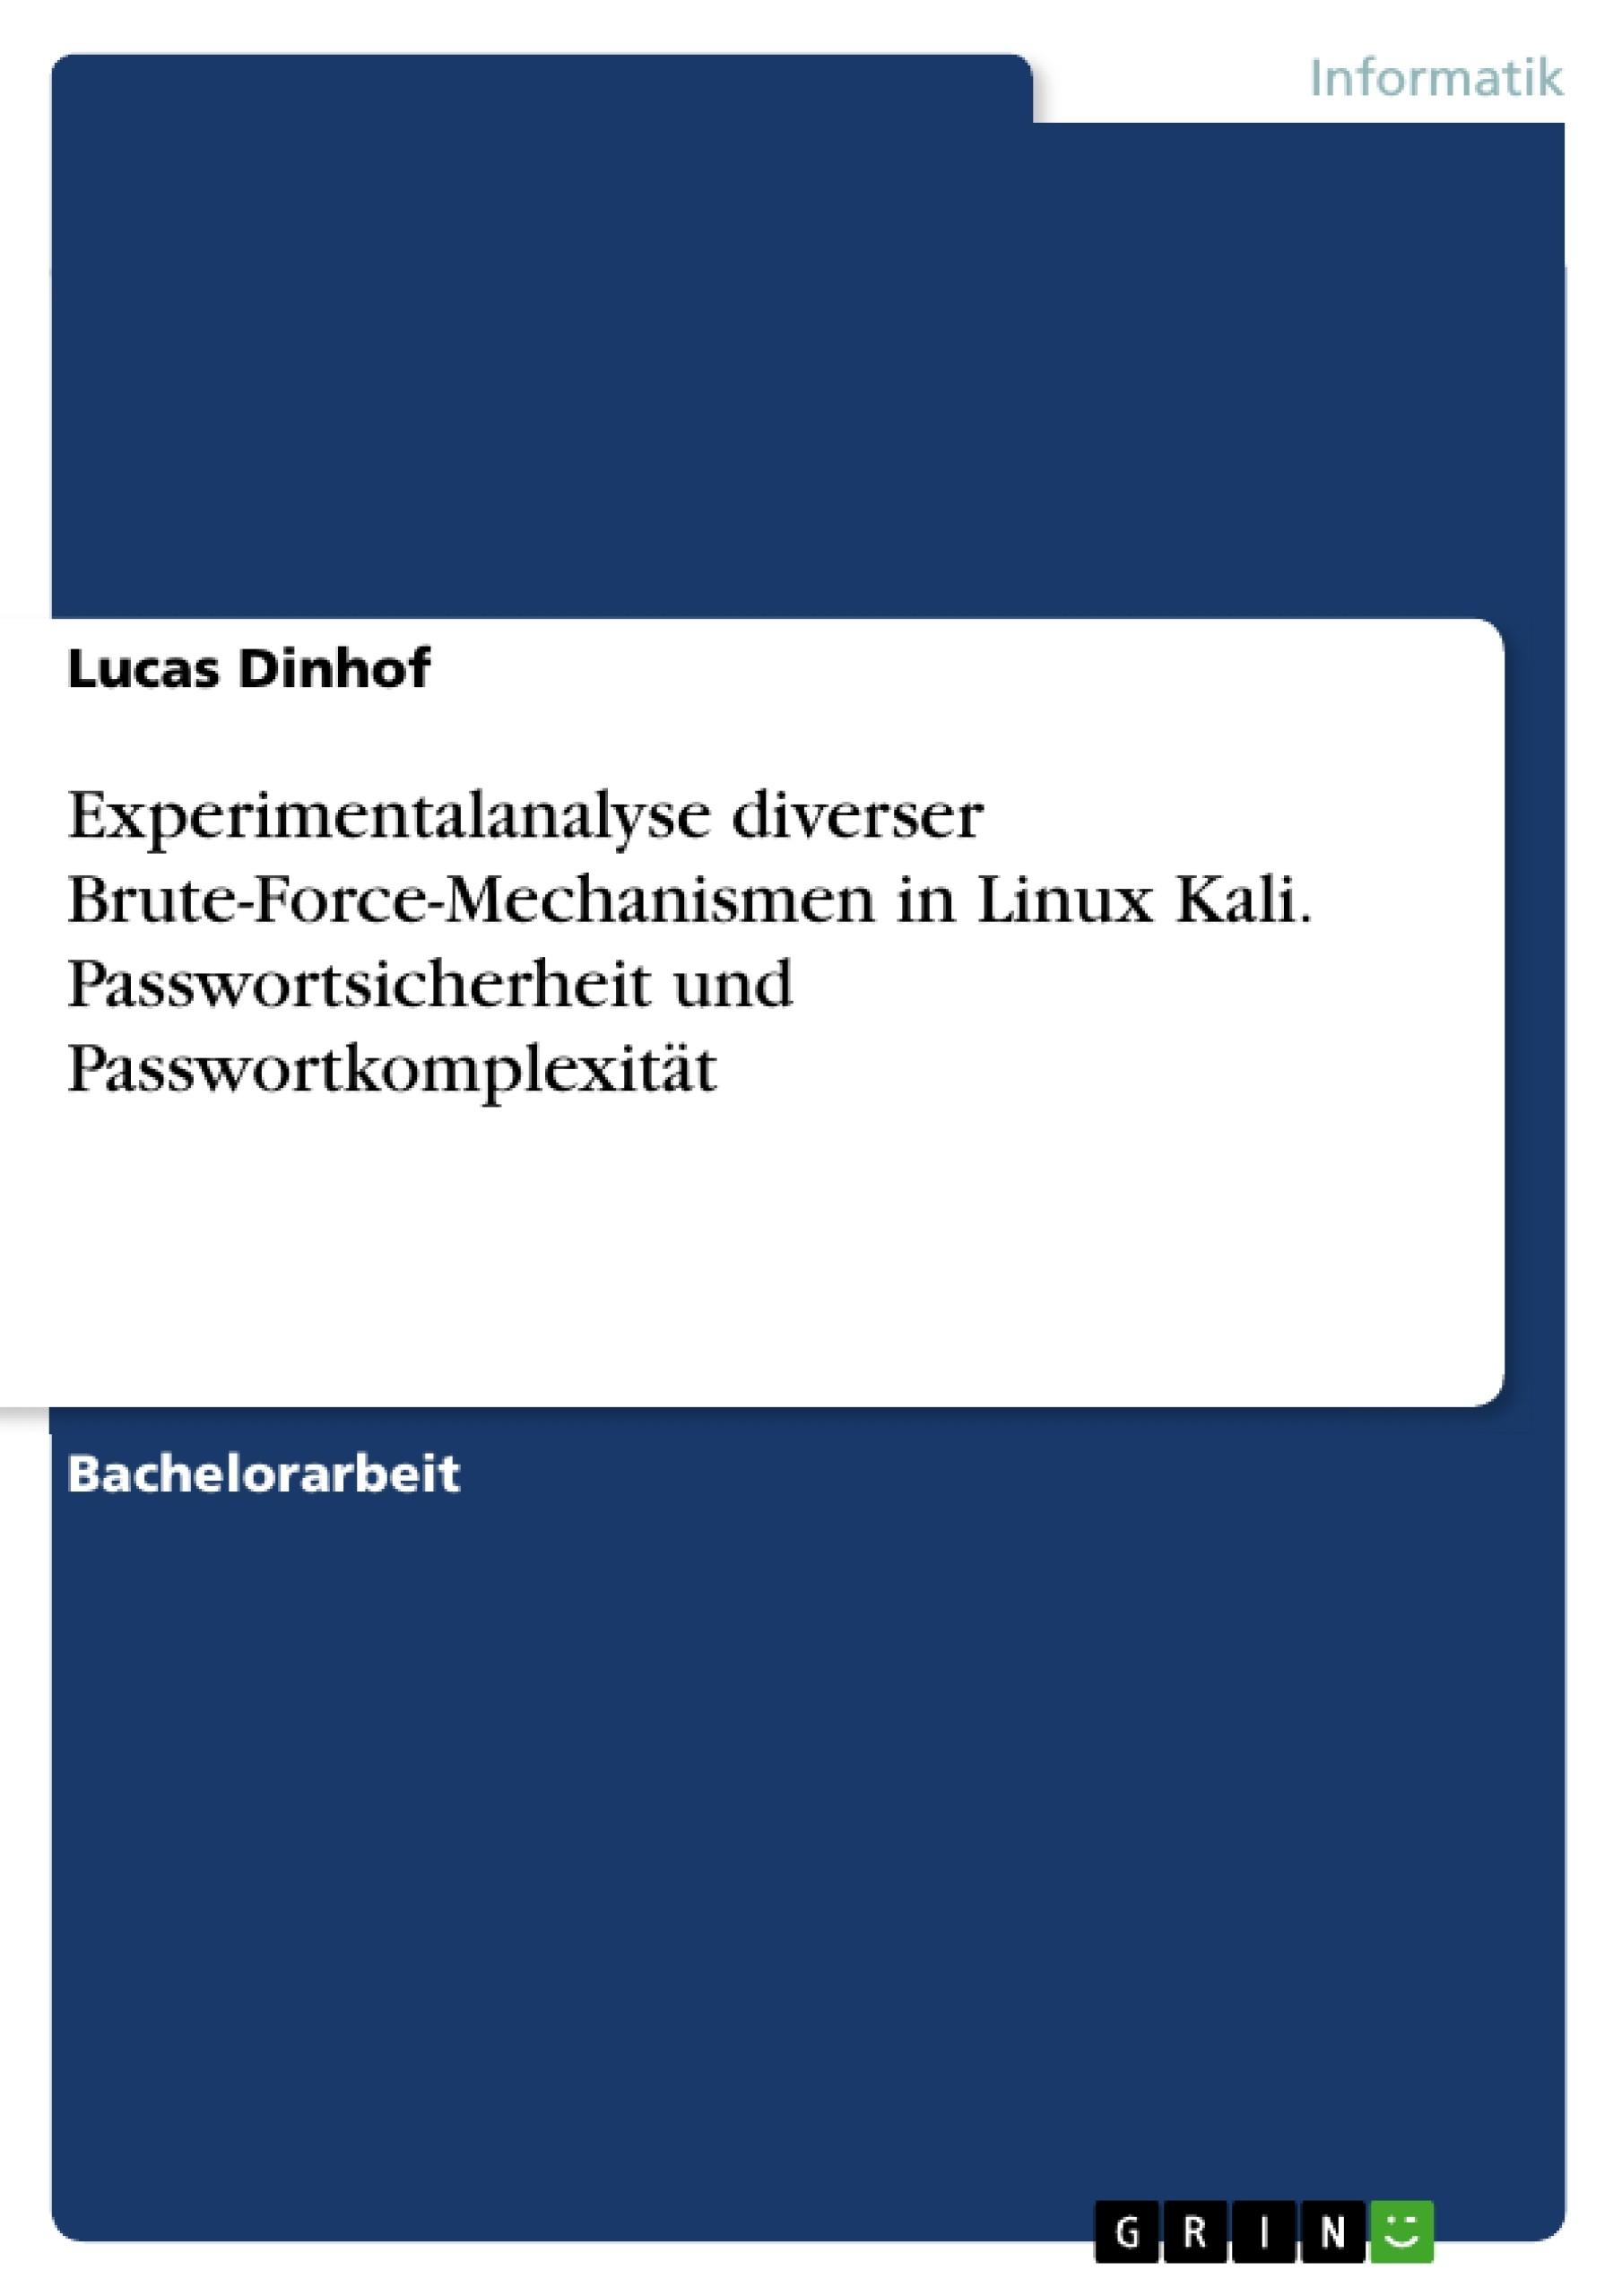 Titel: Experimentalanalyse diverser Brute-Force-Mechanismen in Linux Kali. Passwortsicherheit und Passwortkomplexität